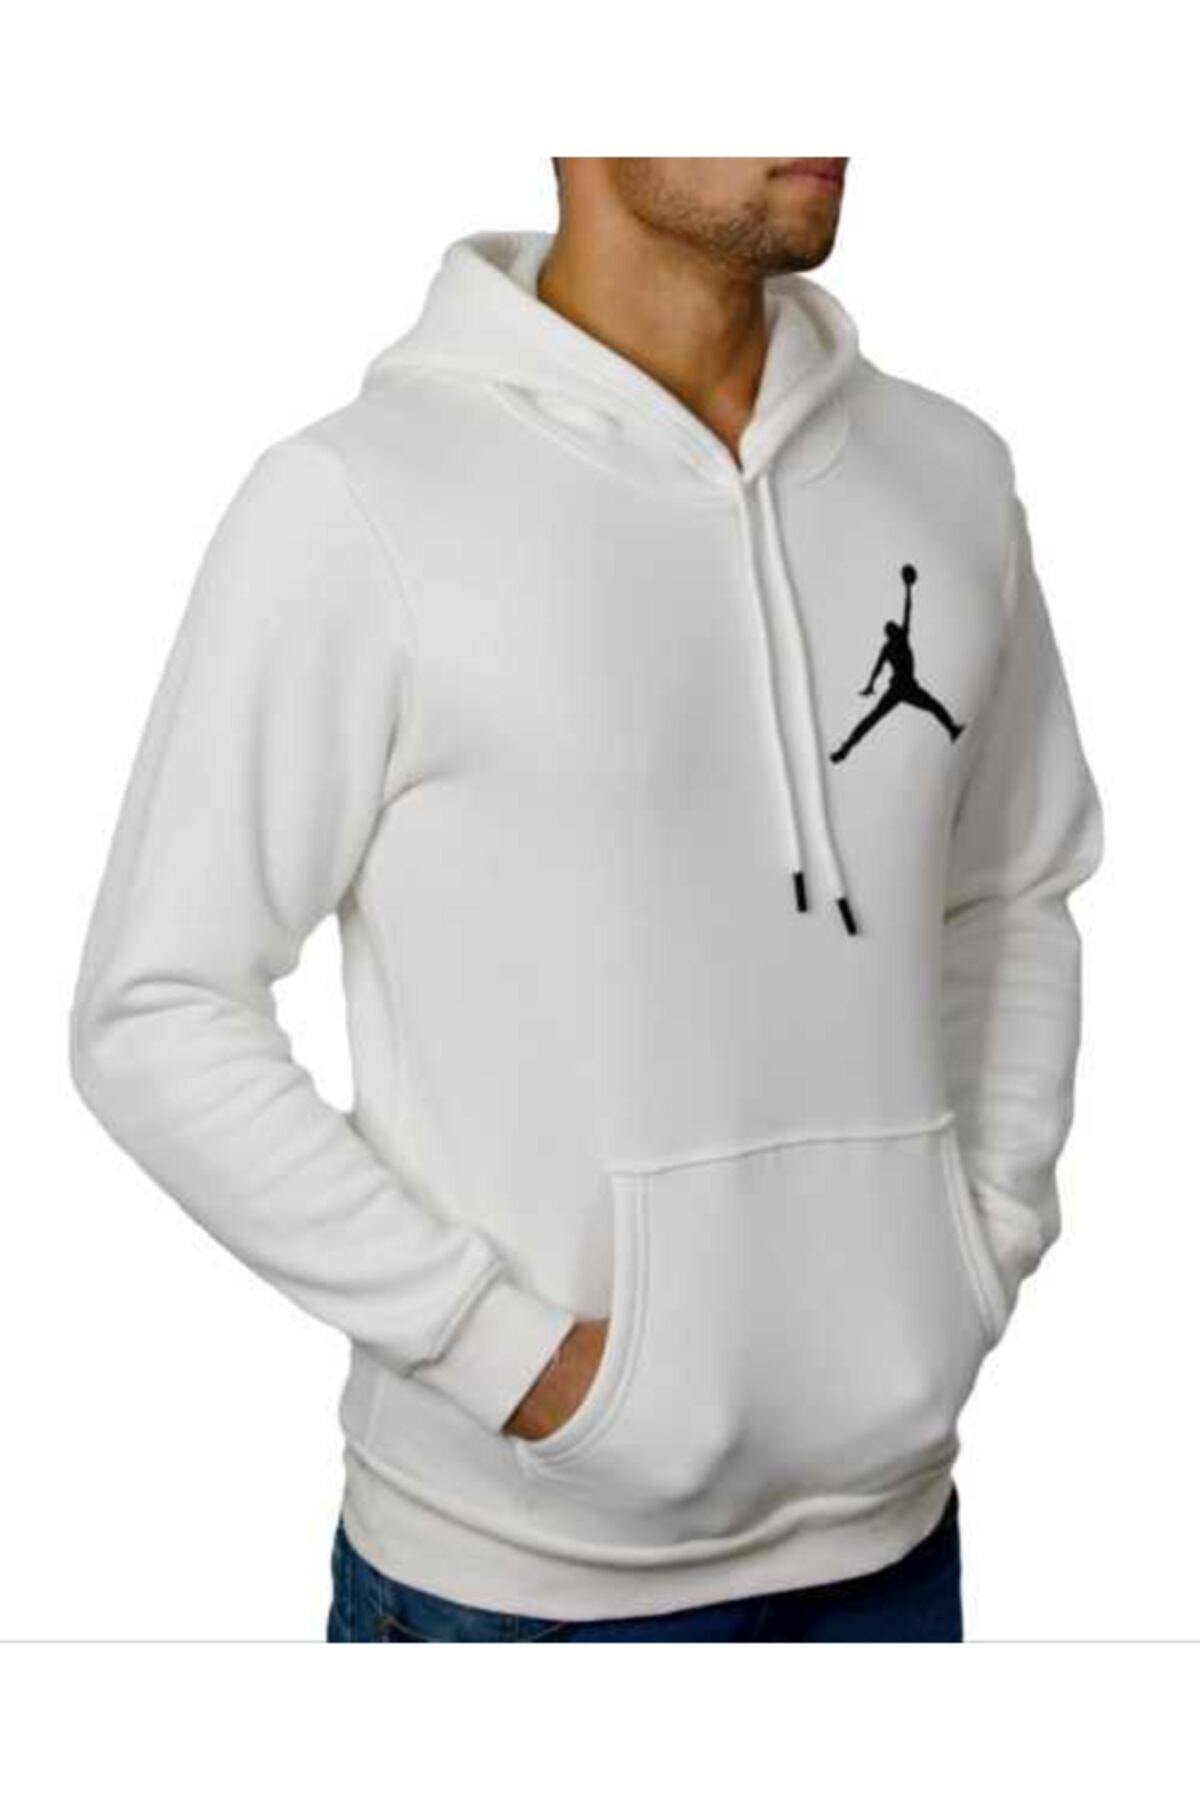 YOUWINNER Erkek Beyaz Kapşonlu 3 Iplik Air Jordan Baskılı Tshirt 1